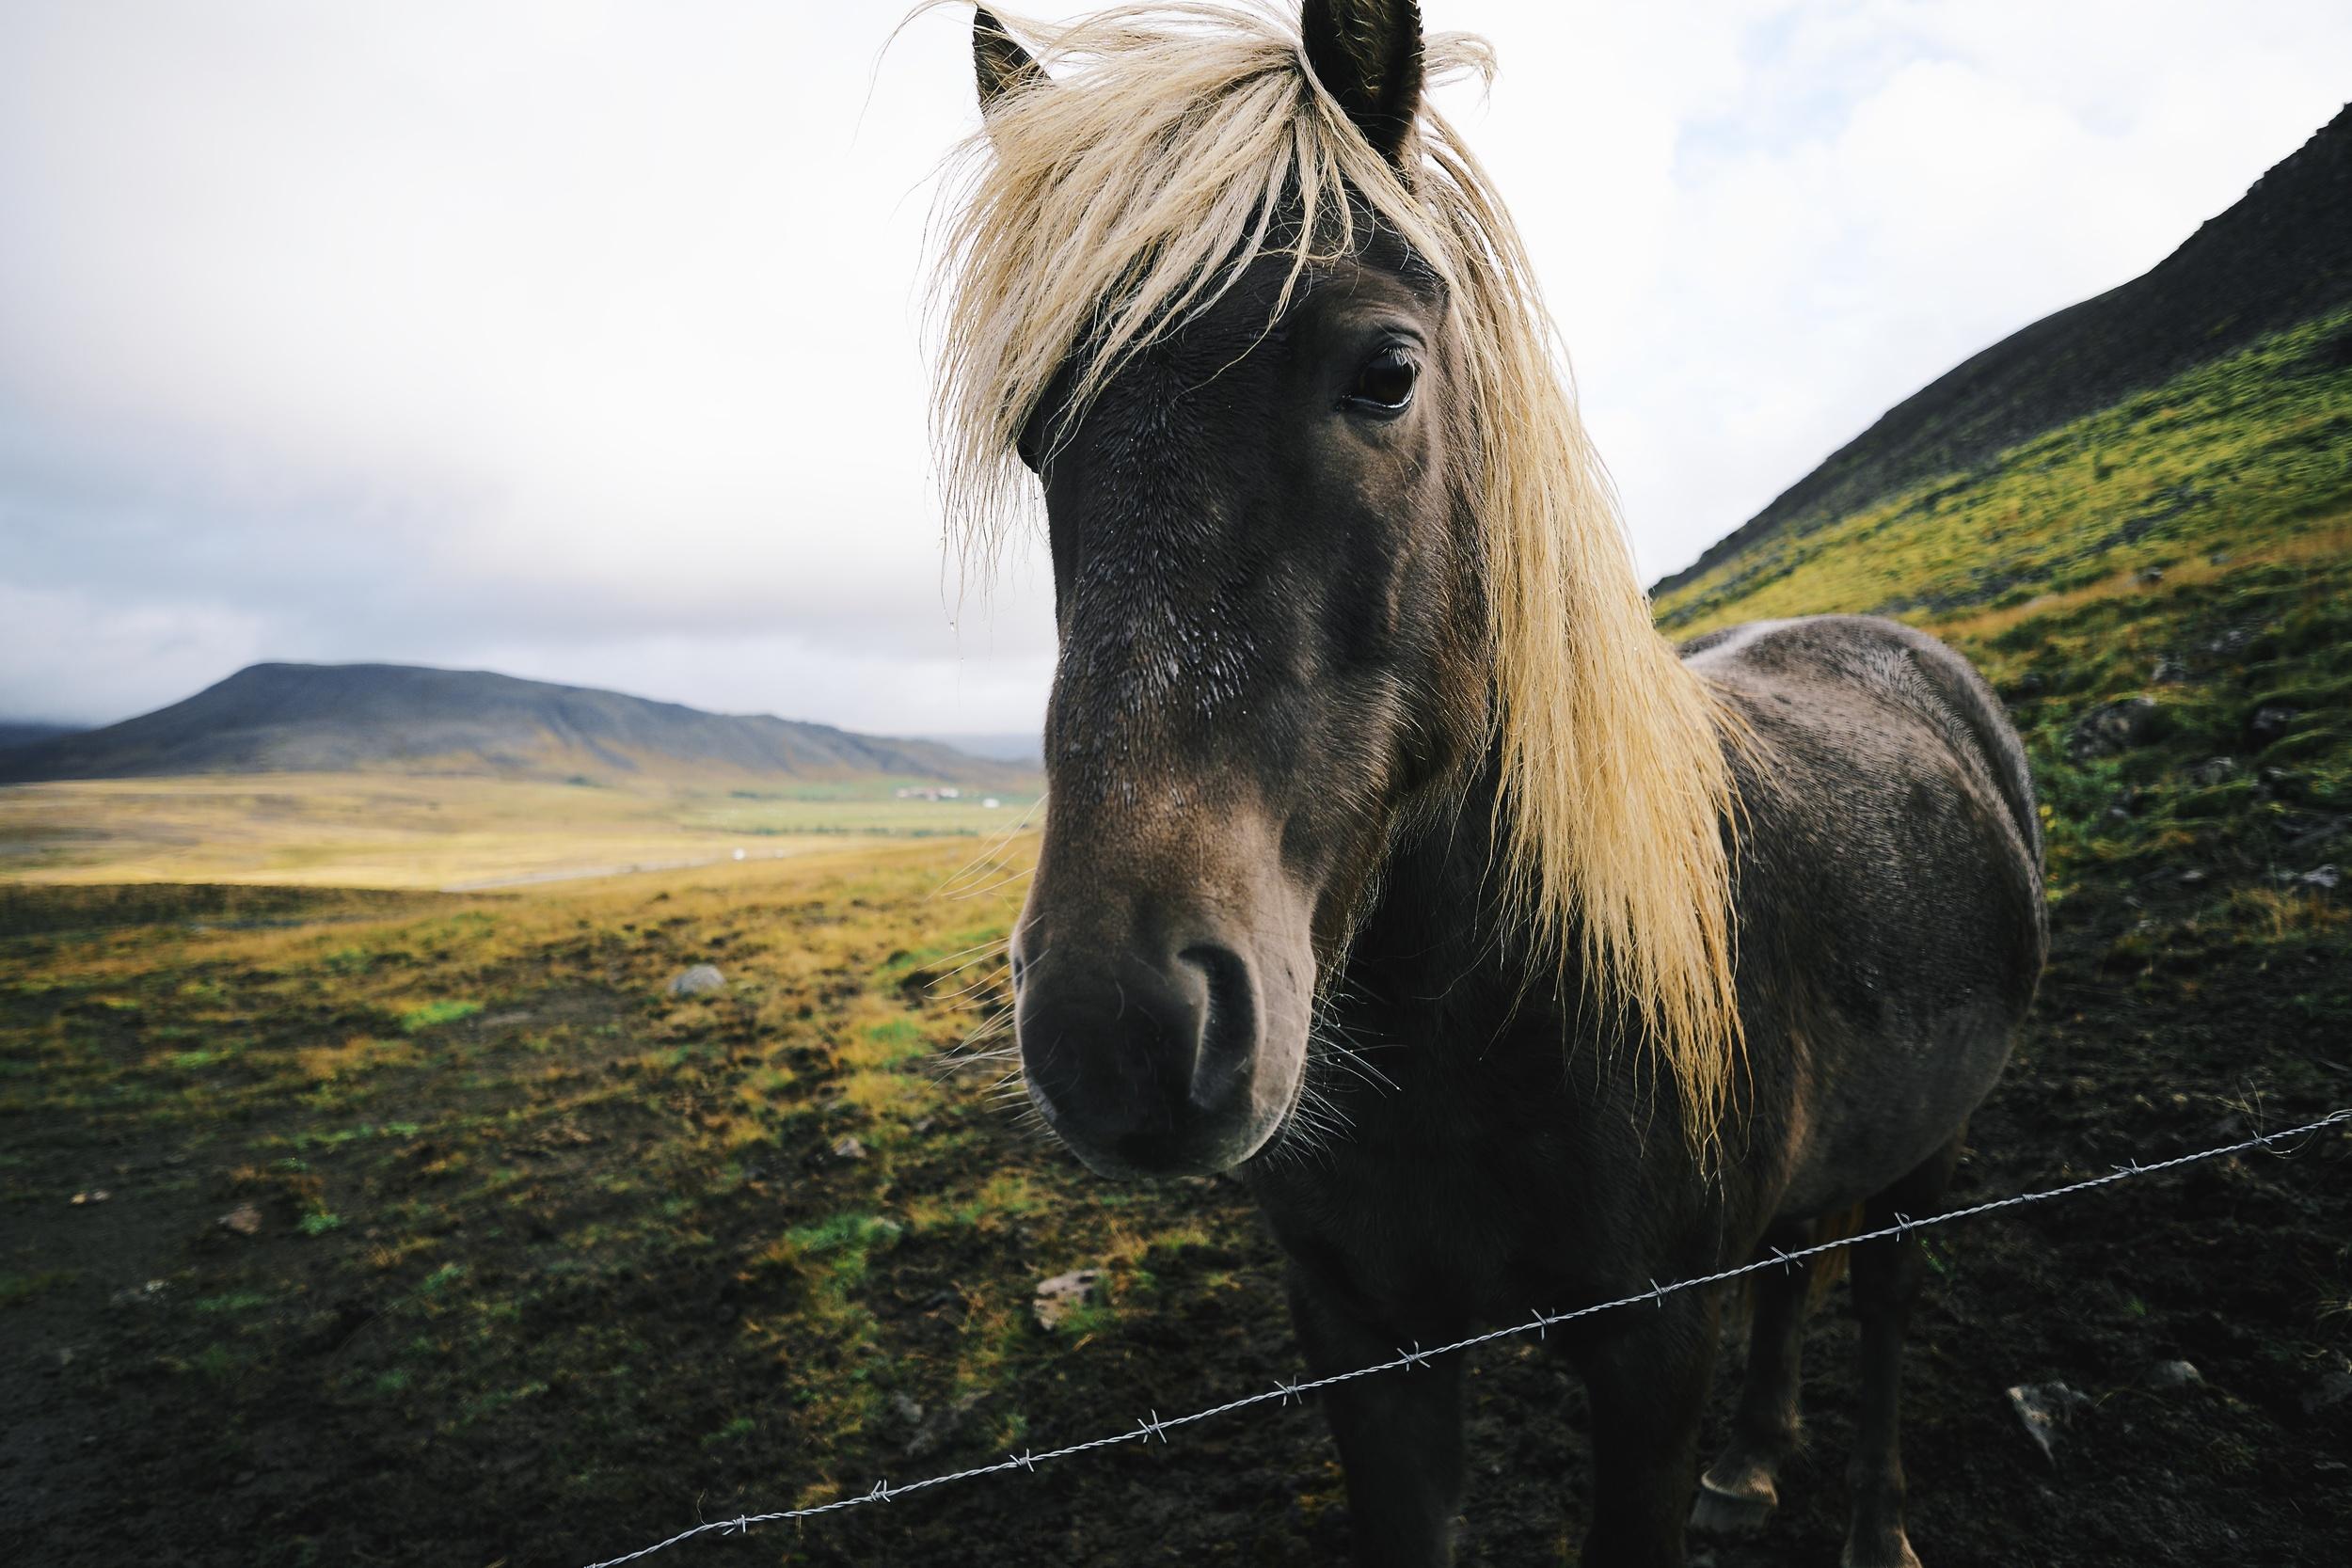 THE HORSES ARE CUTE!  Fuji: f2.8 @ 14mm, 1/1800, +1EV, ISO400